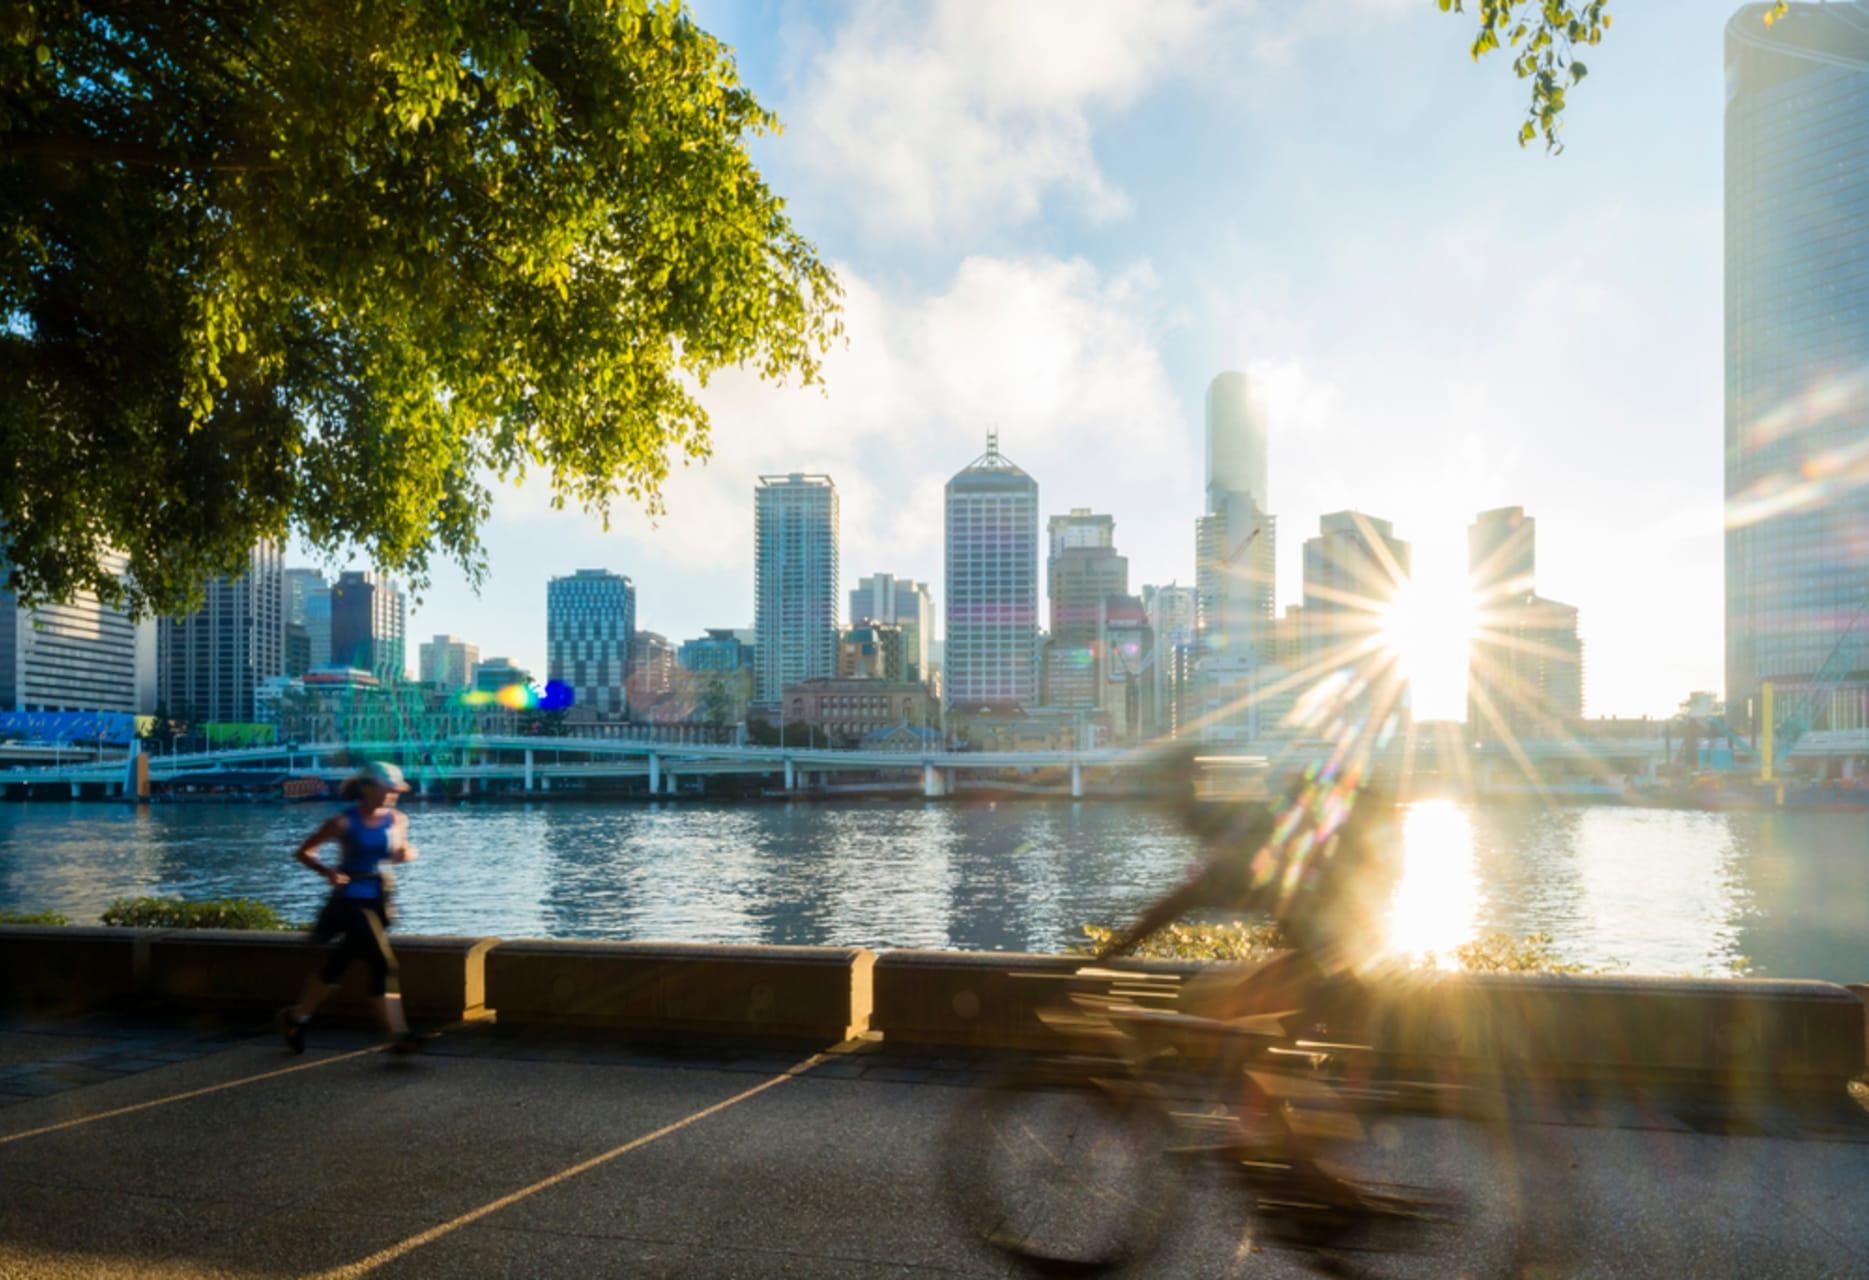 Brisbane - Brisbane's South Bank Parklands